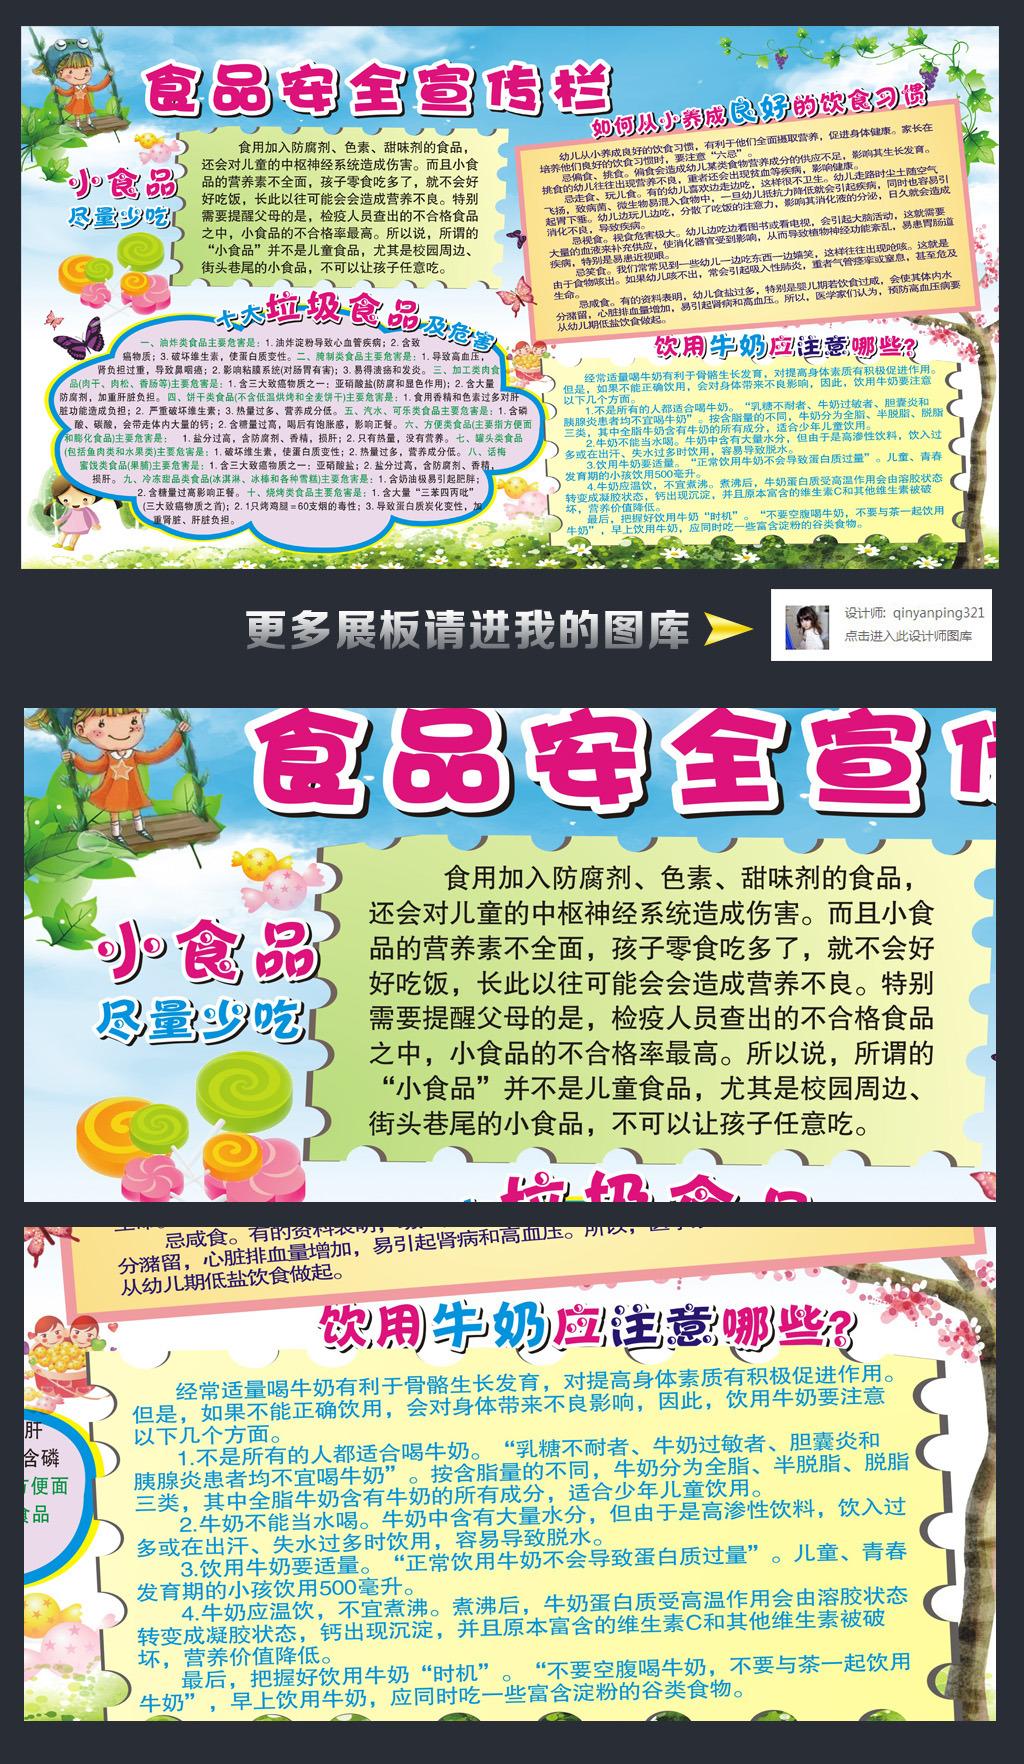 小学幼儿园食品安全知识教育宣传栏